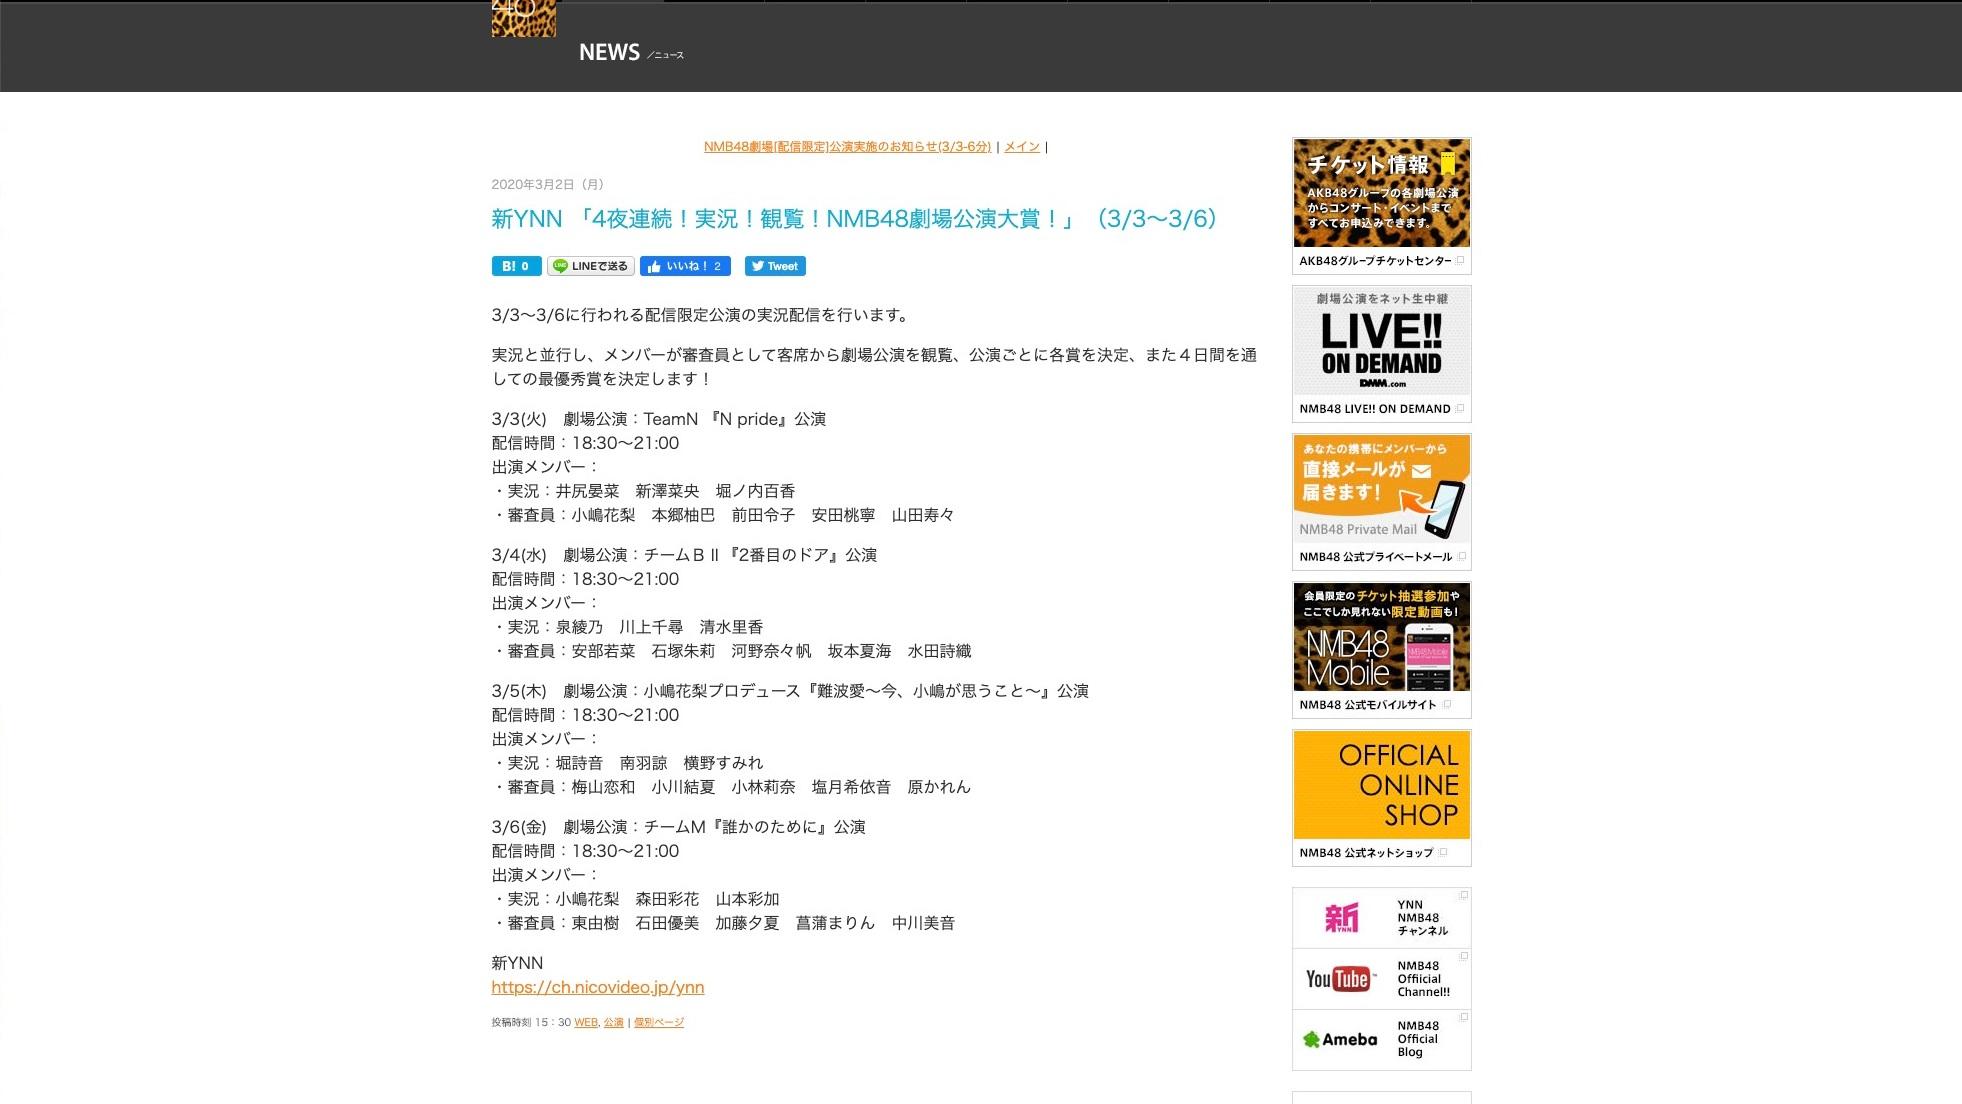 【NMB48】新YNNで「4夜連続!実況!観覧!NMB48劇場公演大賞!」を開催